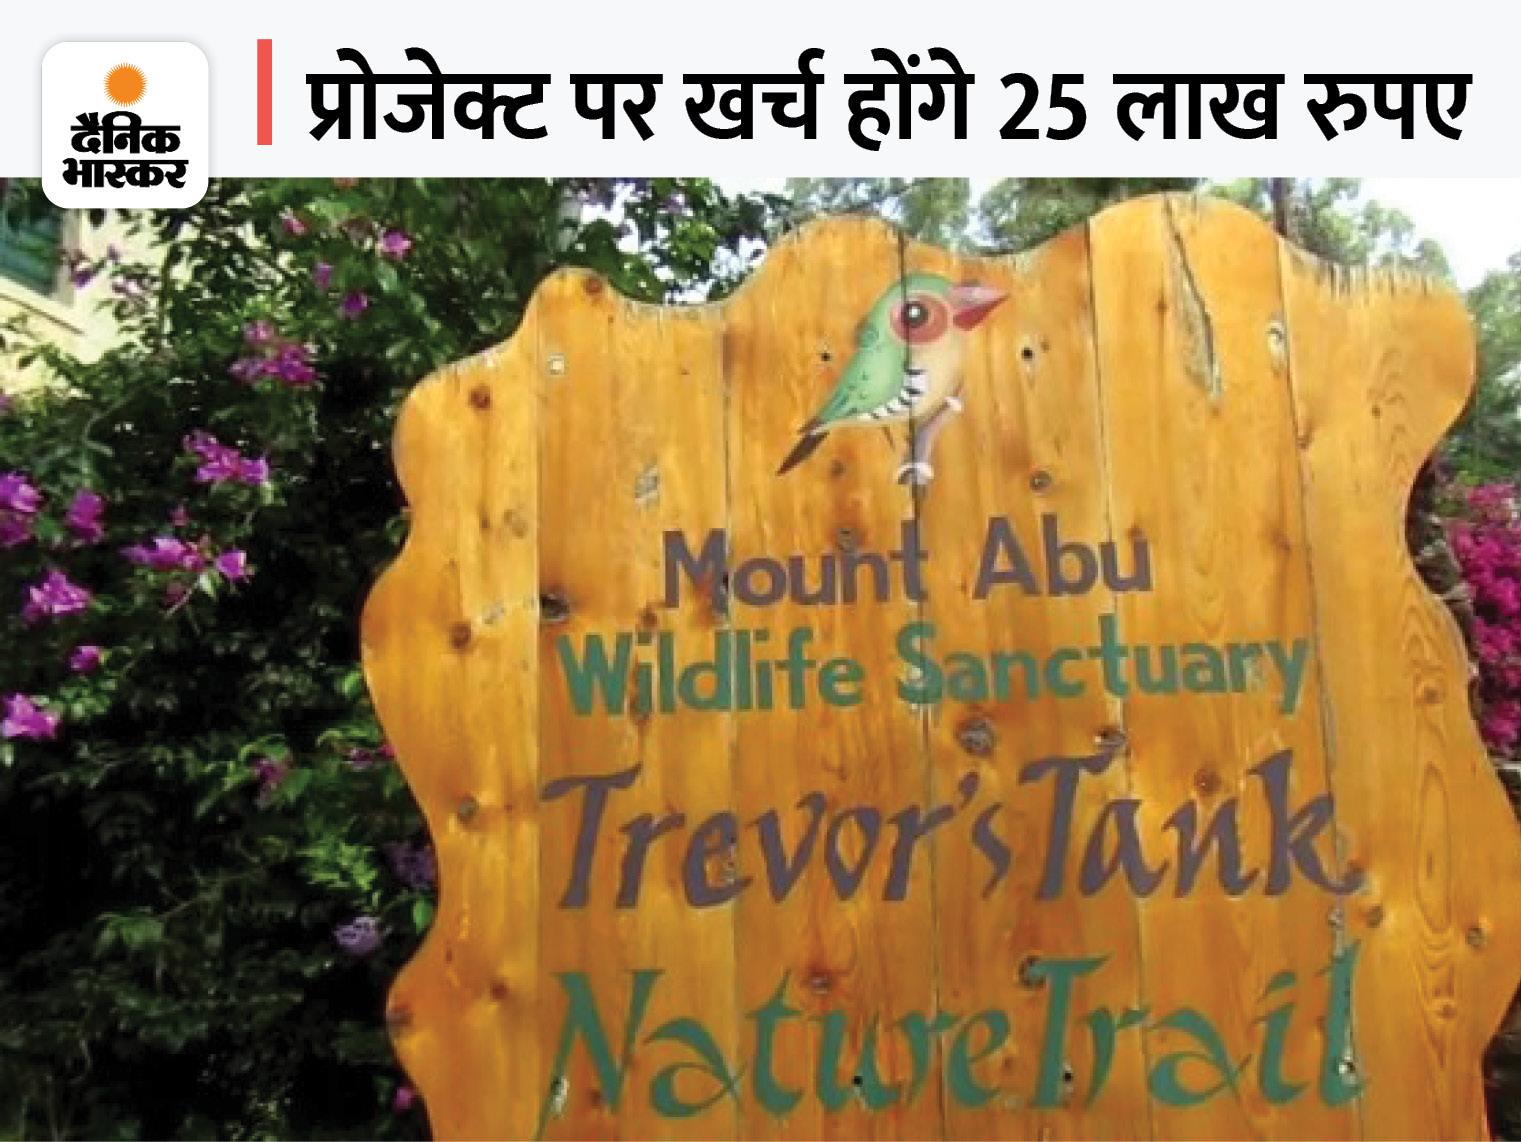 20 साल बाद शुरू होगी ट्रेवर टैंक से मिनी नक्की तक 3.5 KM की जीप सफारी,सालगांवकैंप साइट पर पर्यटक कर सकेंगेकैंपिंग |माउंट आबू,Mount abu - Dainik Bhaskar